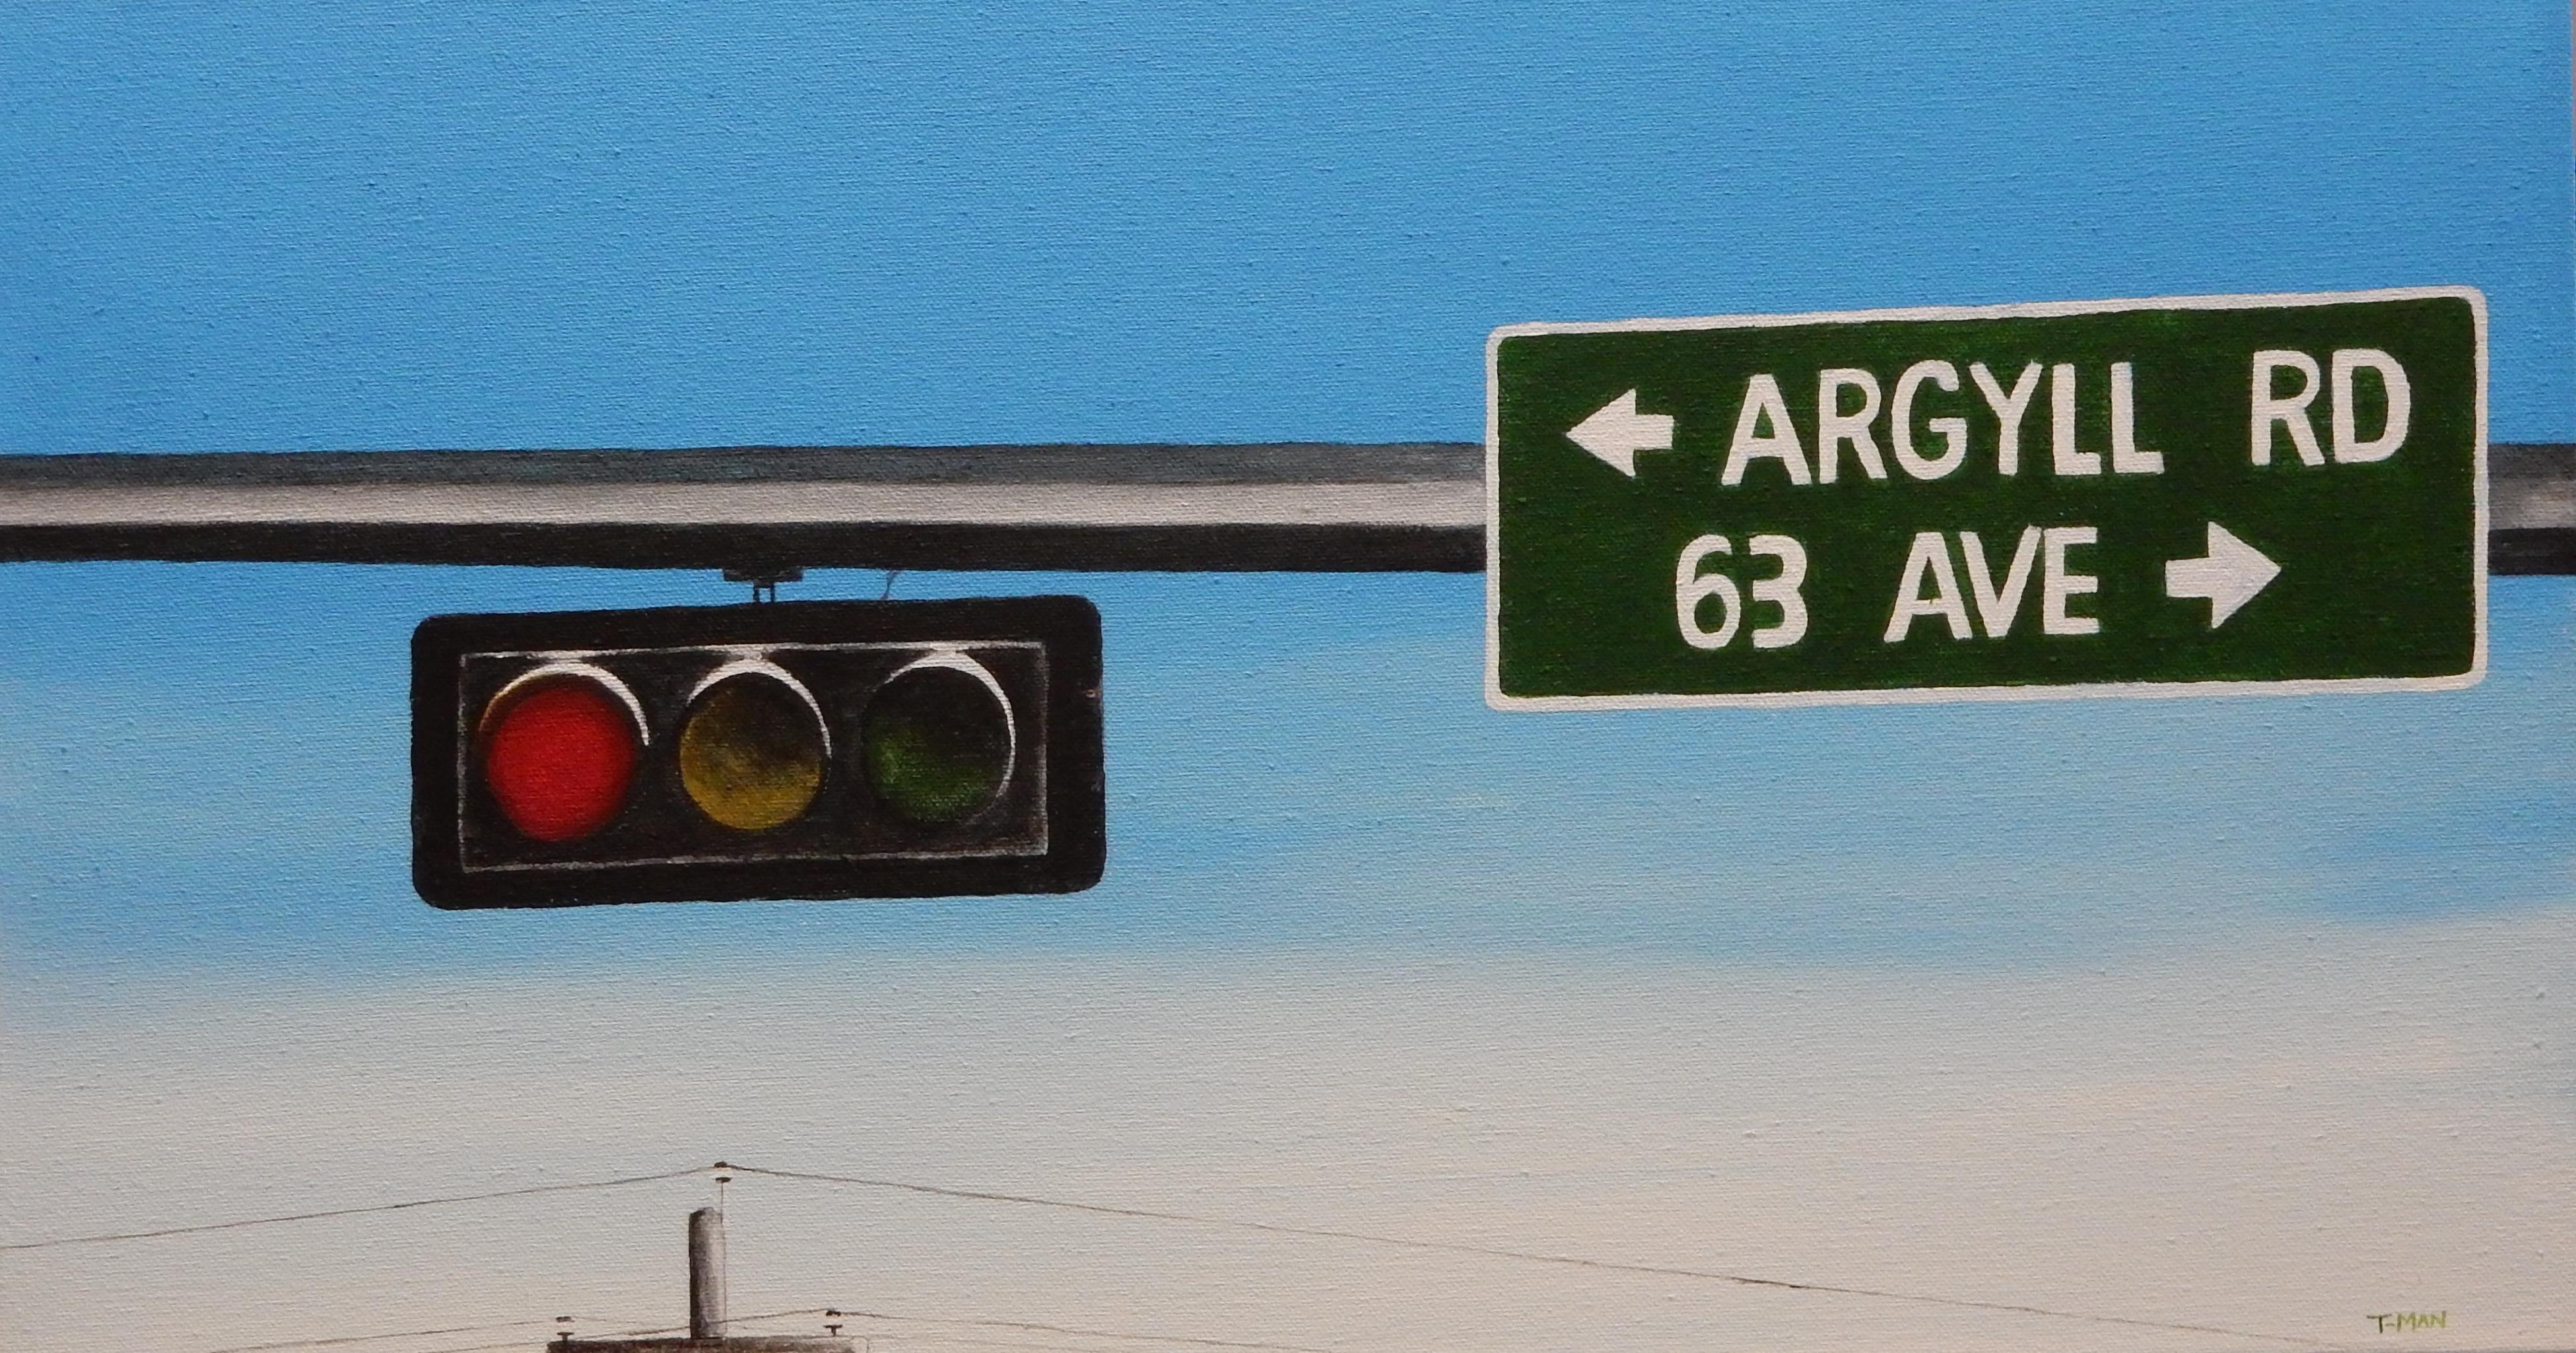 Argyll Rd 63 Ave